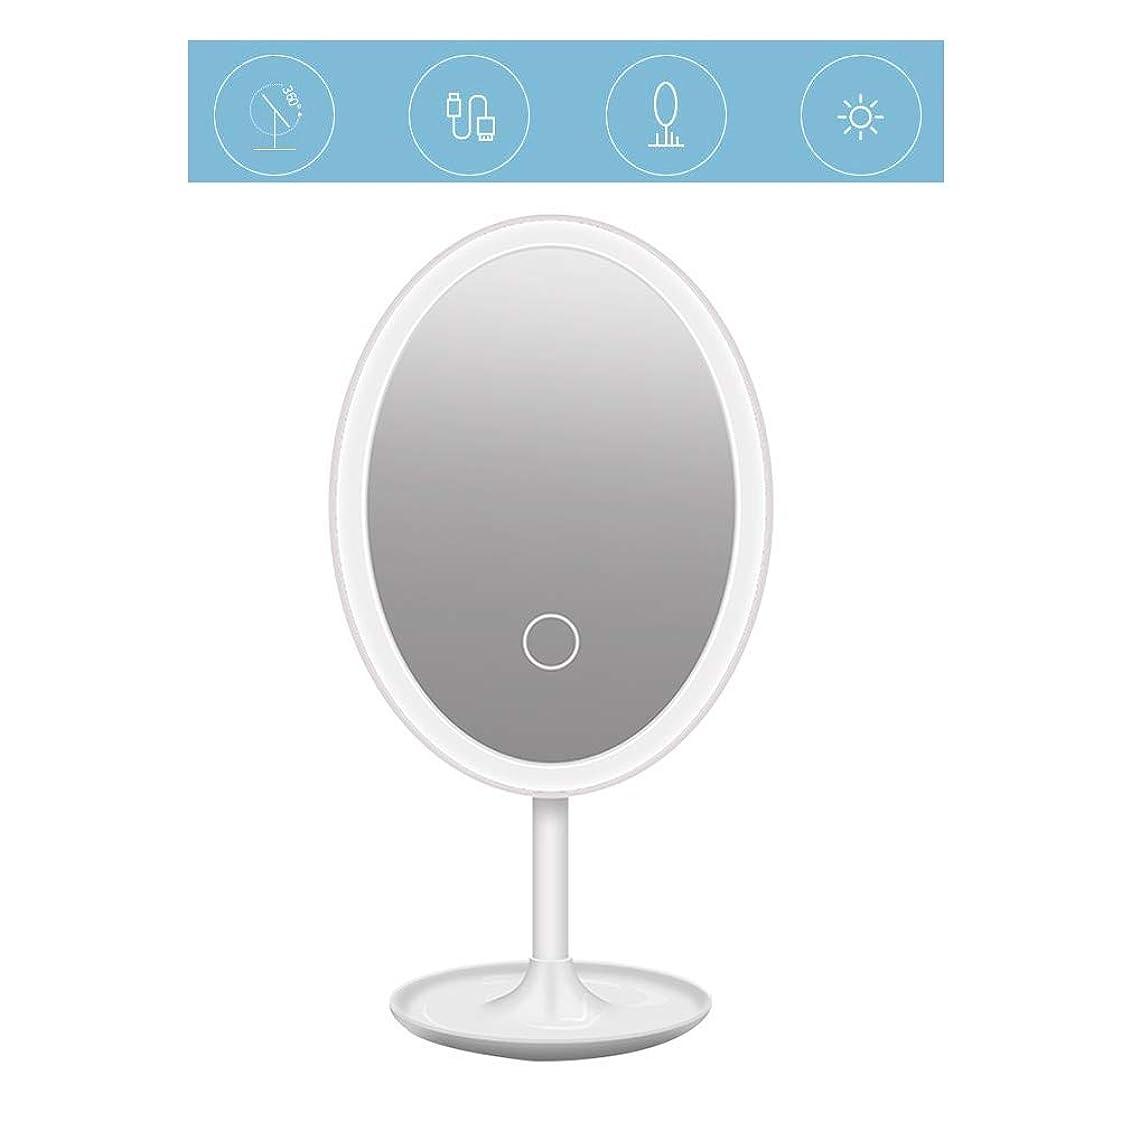 時刻表策定する煩わしい化粧鏡 2個のLEDメイクアップミラーインテリジェントスリースピード調整360°回転フィル光学顕微鏡、281x145x108mm (Color : White)